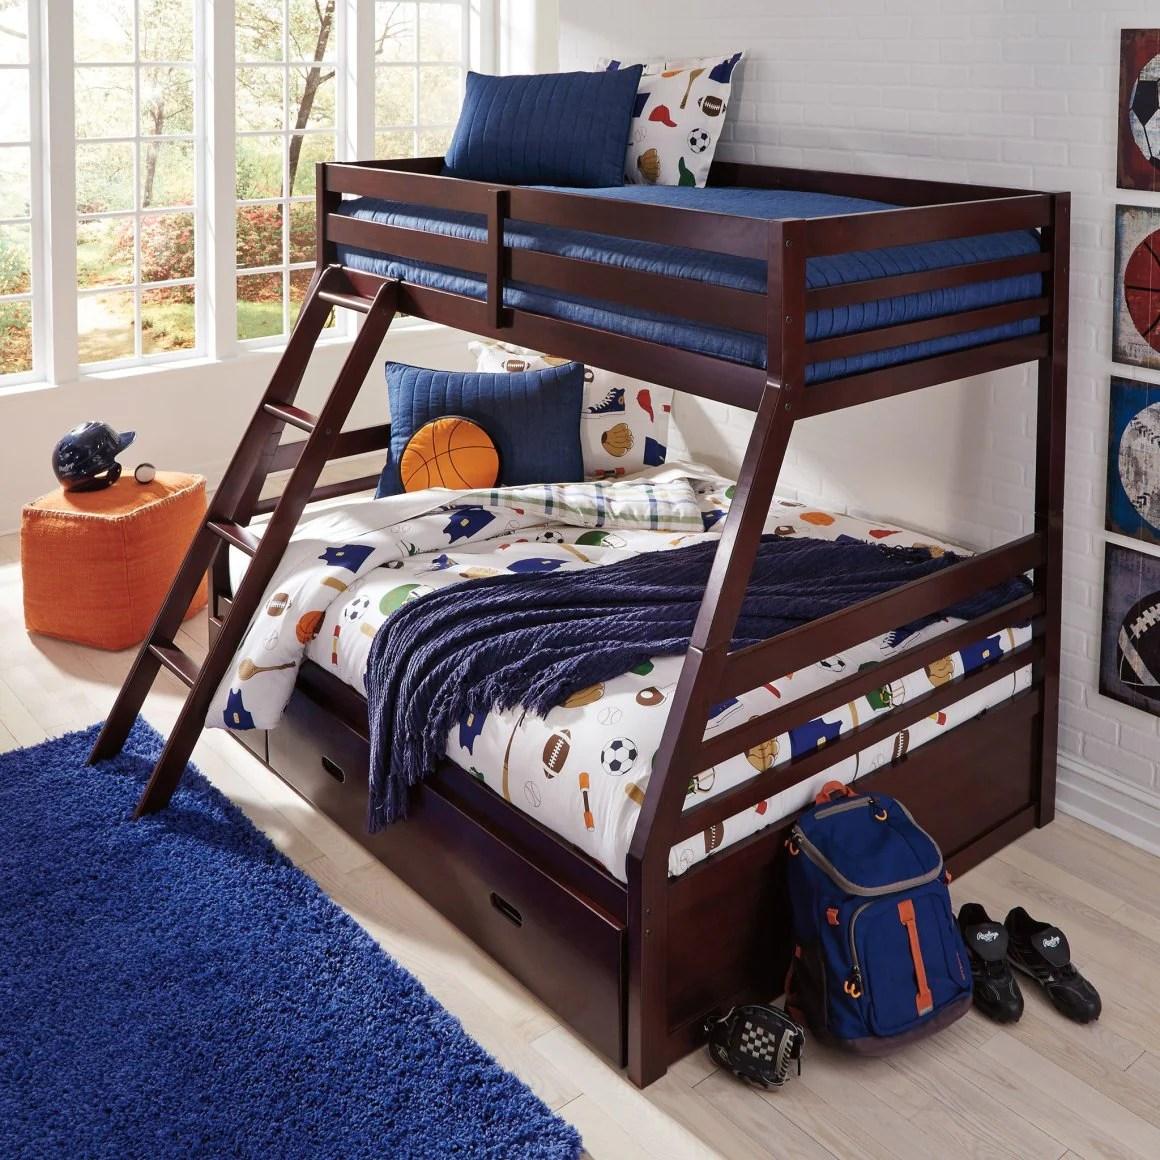 idei amenajare dormitor mic copil